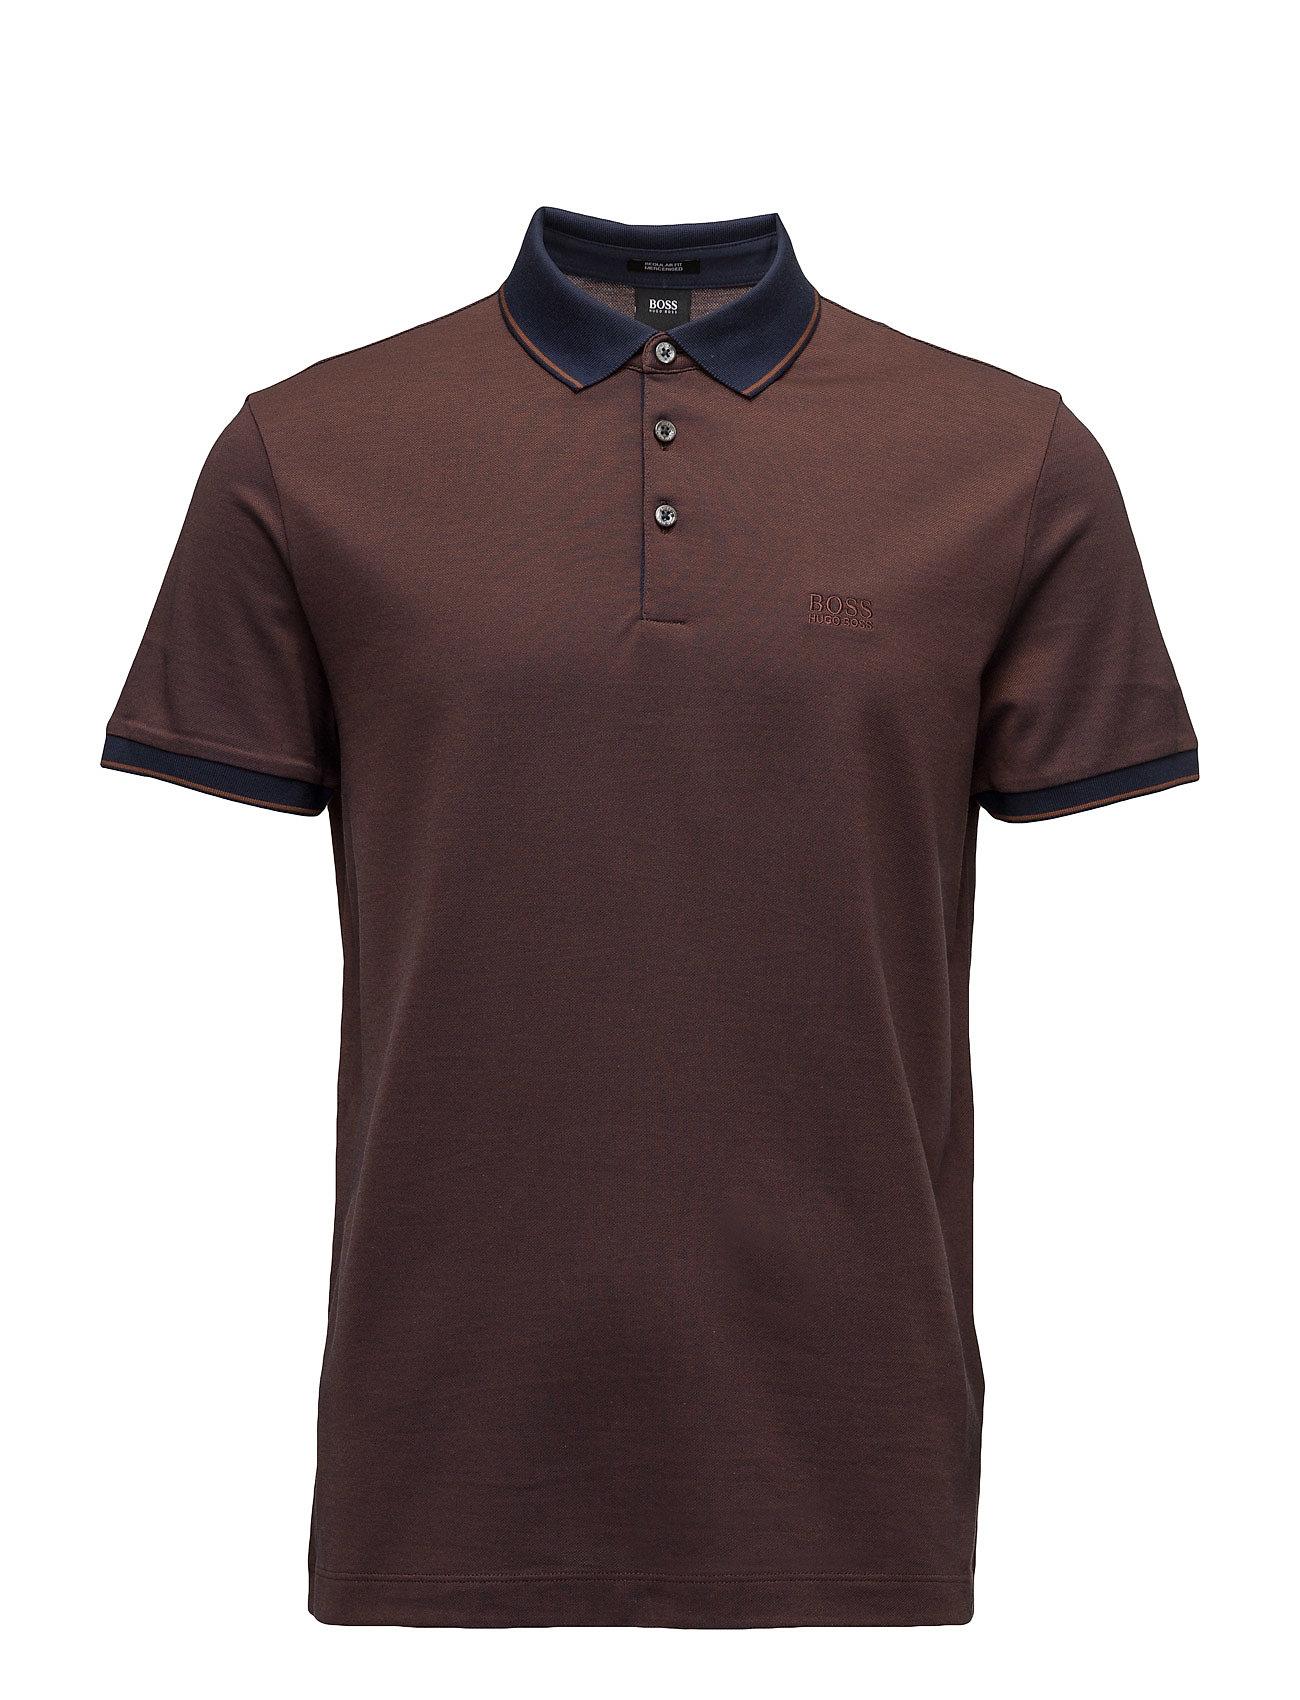 Prout 10 BOSS Kortærmede polo t-shirts til Herrer i